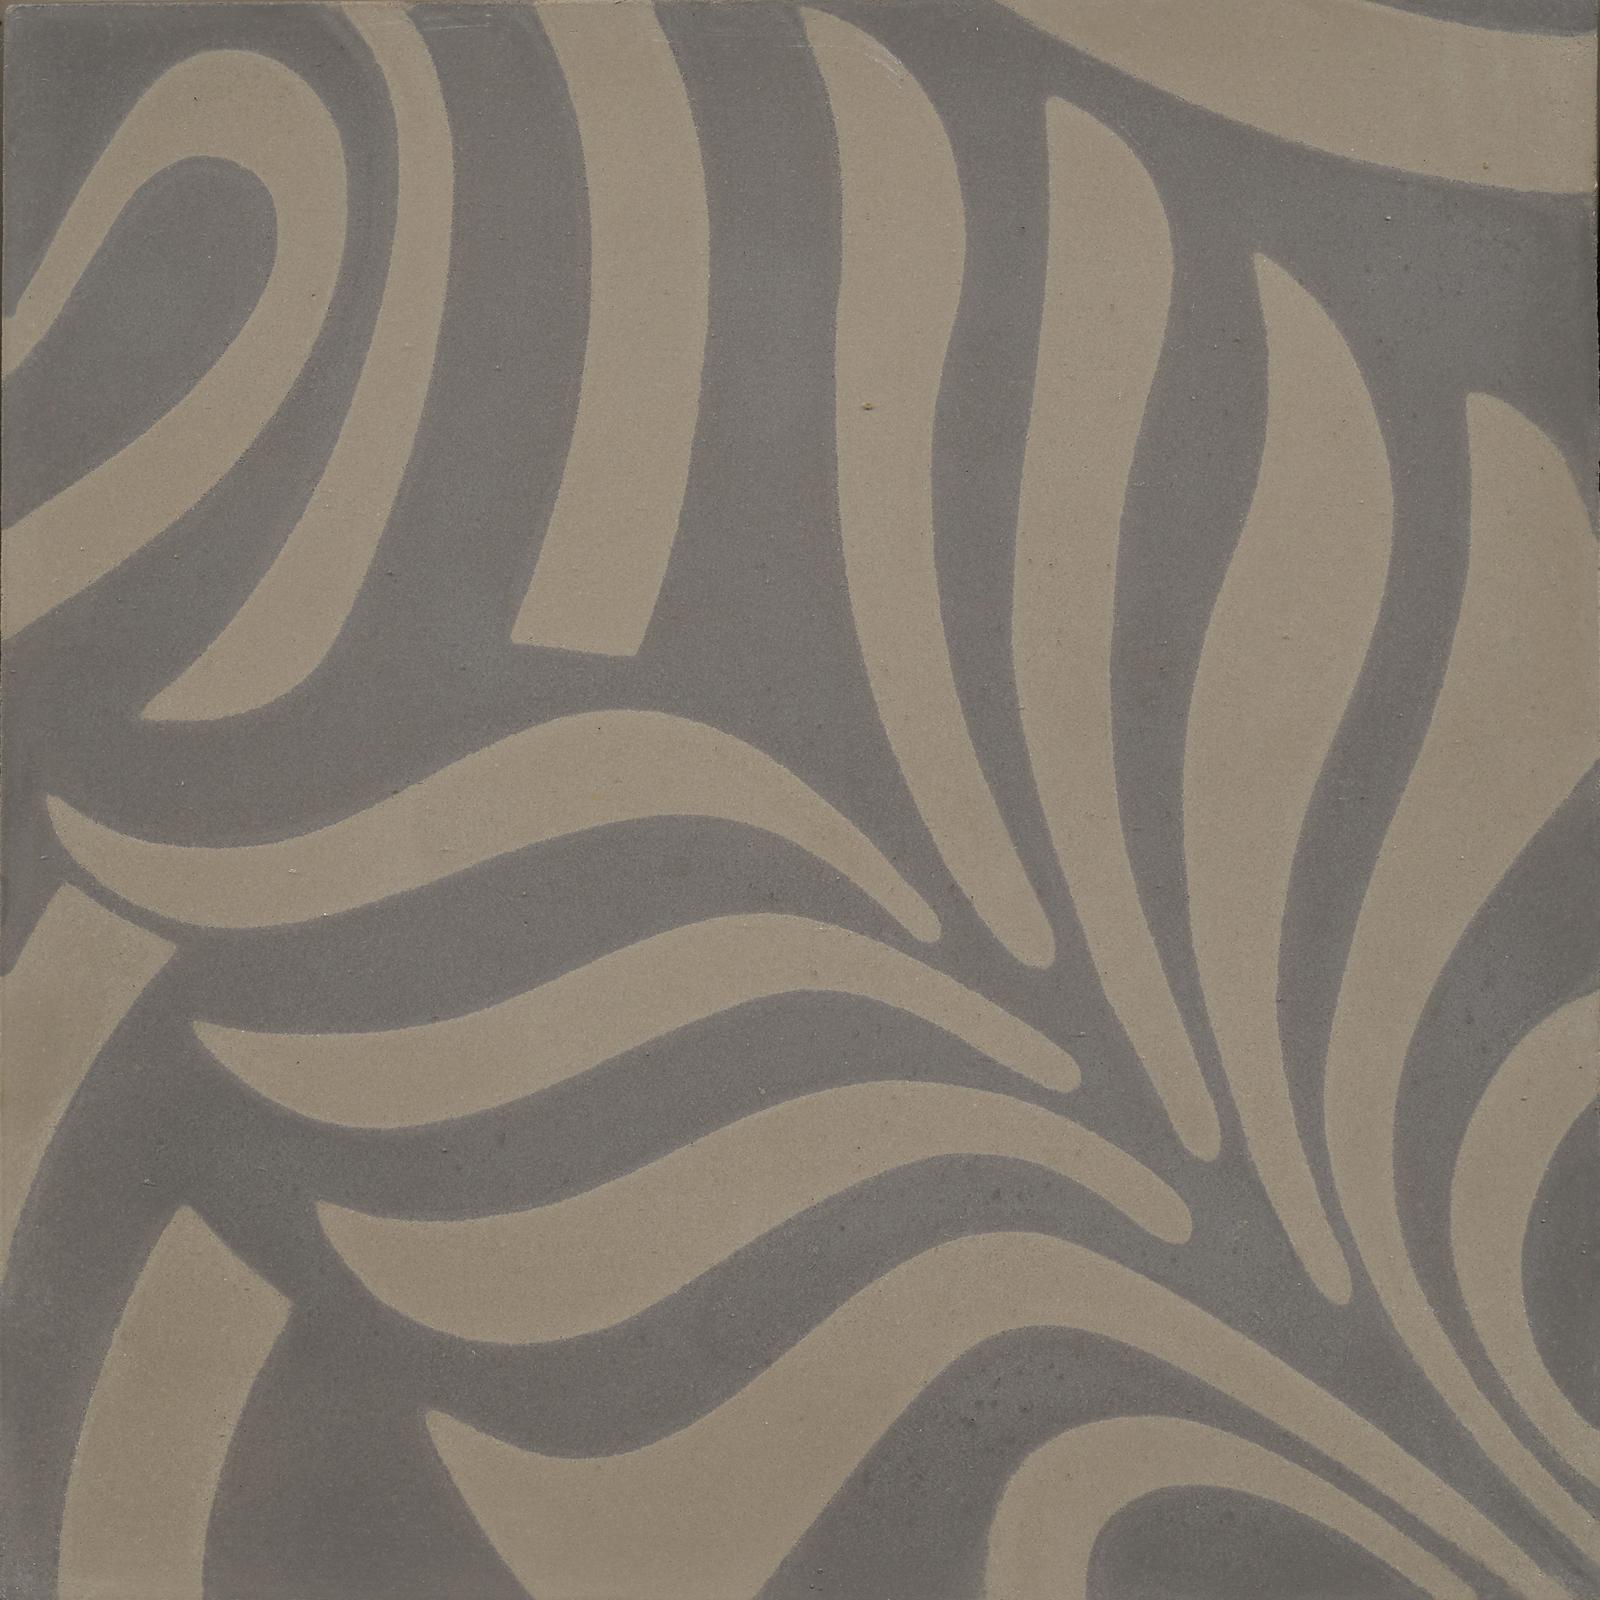 zementmosaikplatten-nr.51128-6154-viaplatten